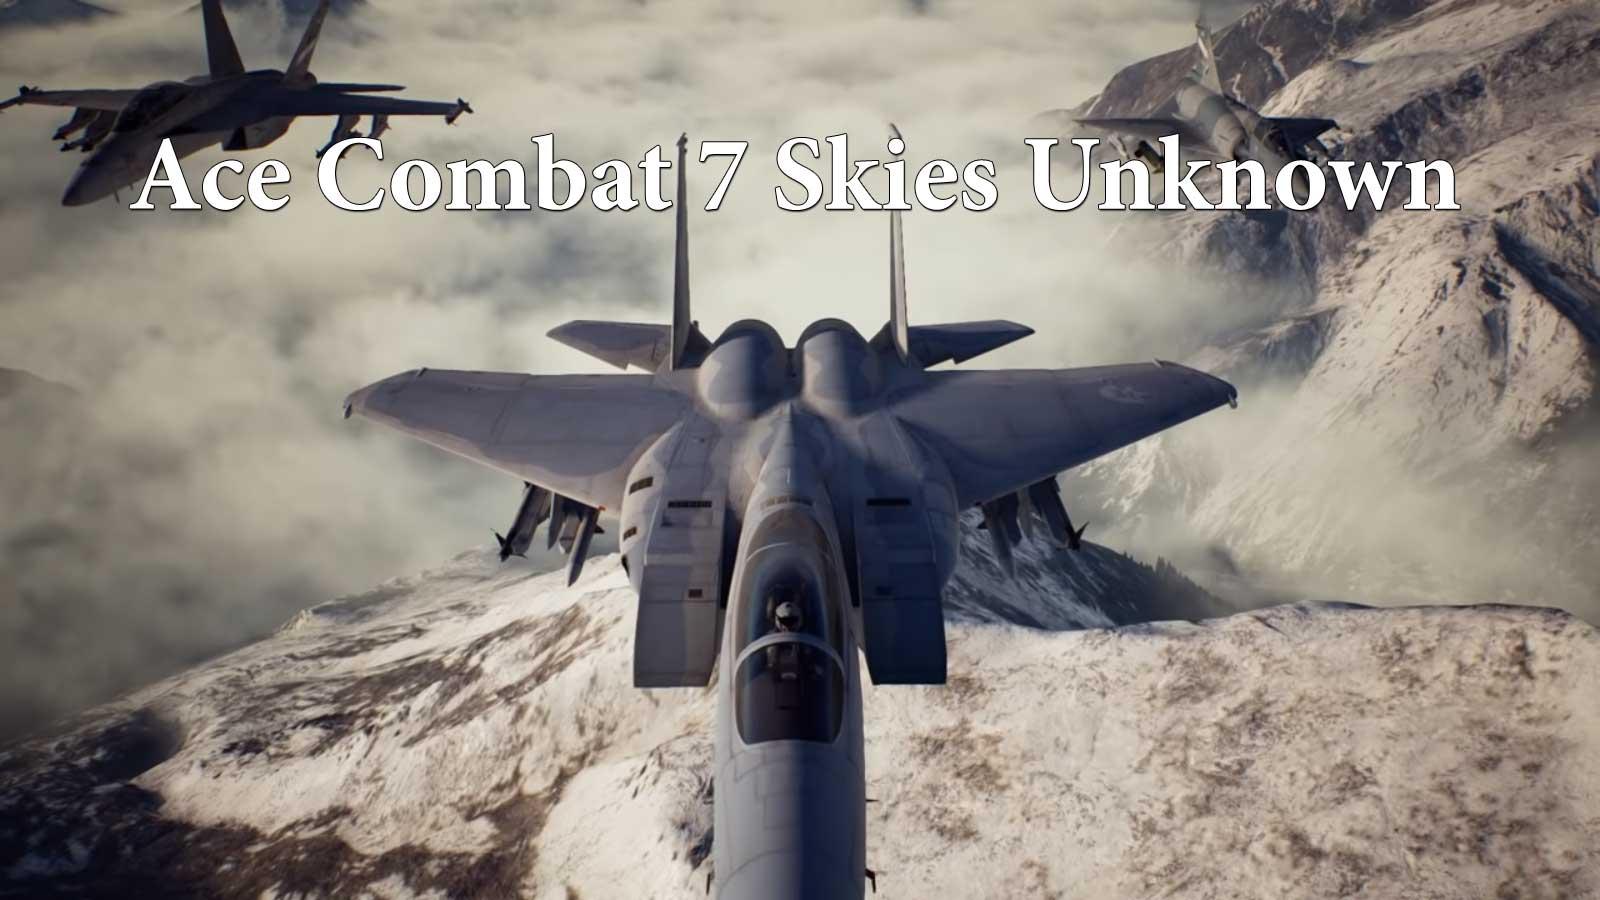 تحميل لعبة Ace Combat 7: Skies Unknown كاملة للكمبيوتر PC